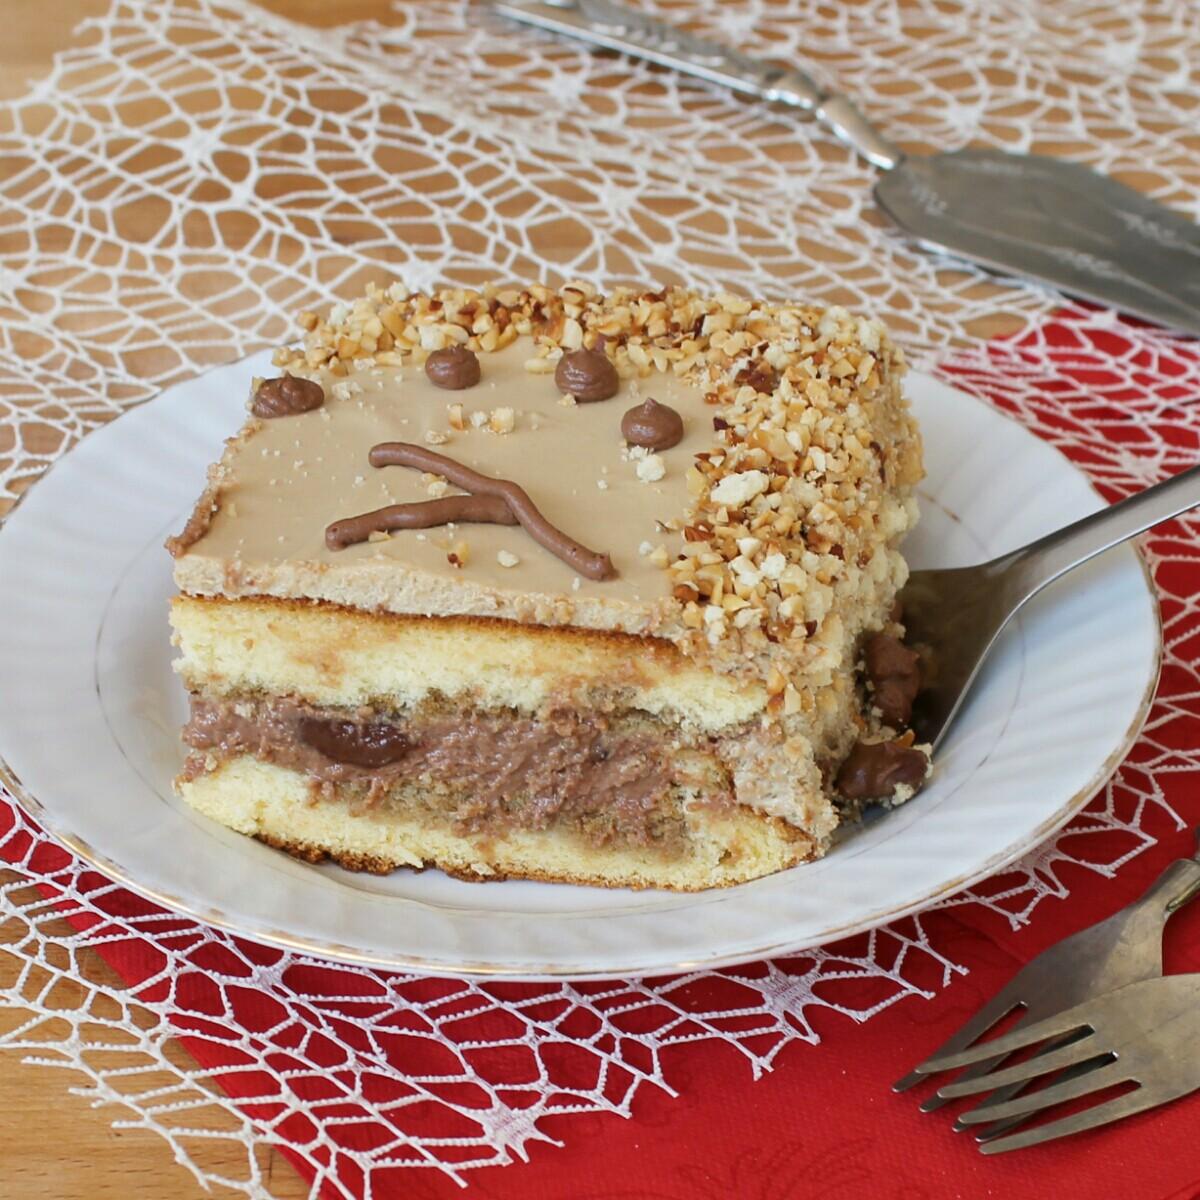 TORTA CON NUTELLA E CAFFE' ricetta torta compleanno